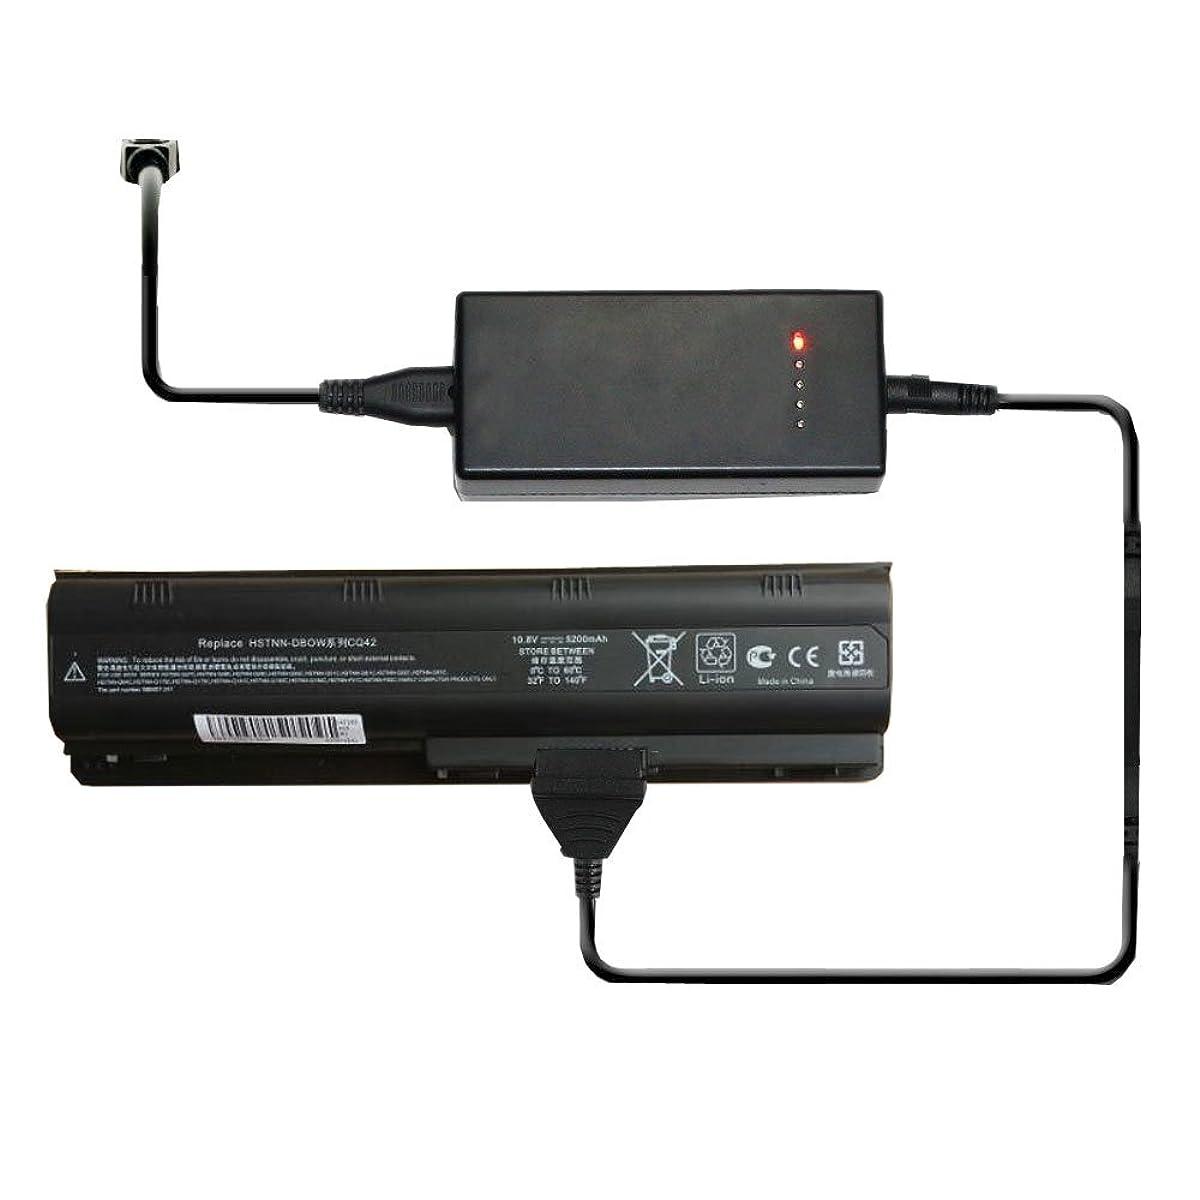 Generic External Laptop Battery Charger for HP Pavilion Dv4-4000 Dv5-2000 Dv6-3000 Dv6-4000 dv7t-6100 Series